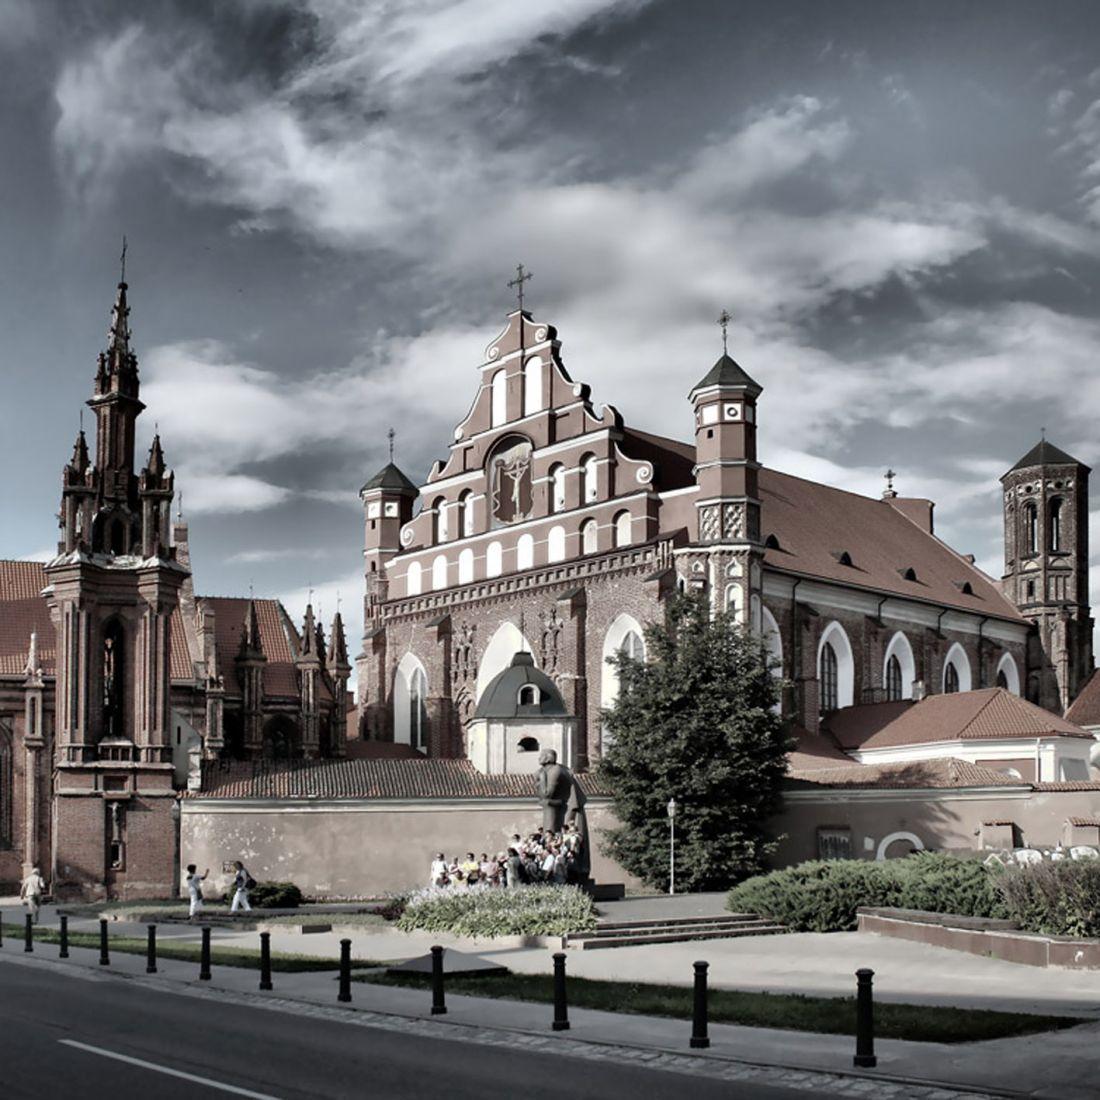 В Вильнюс-Тракай* на выходные: экскурсии, шоу-дегустации, шопинг - на выбор!